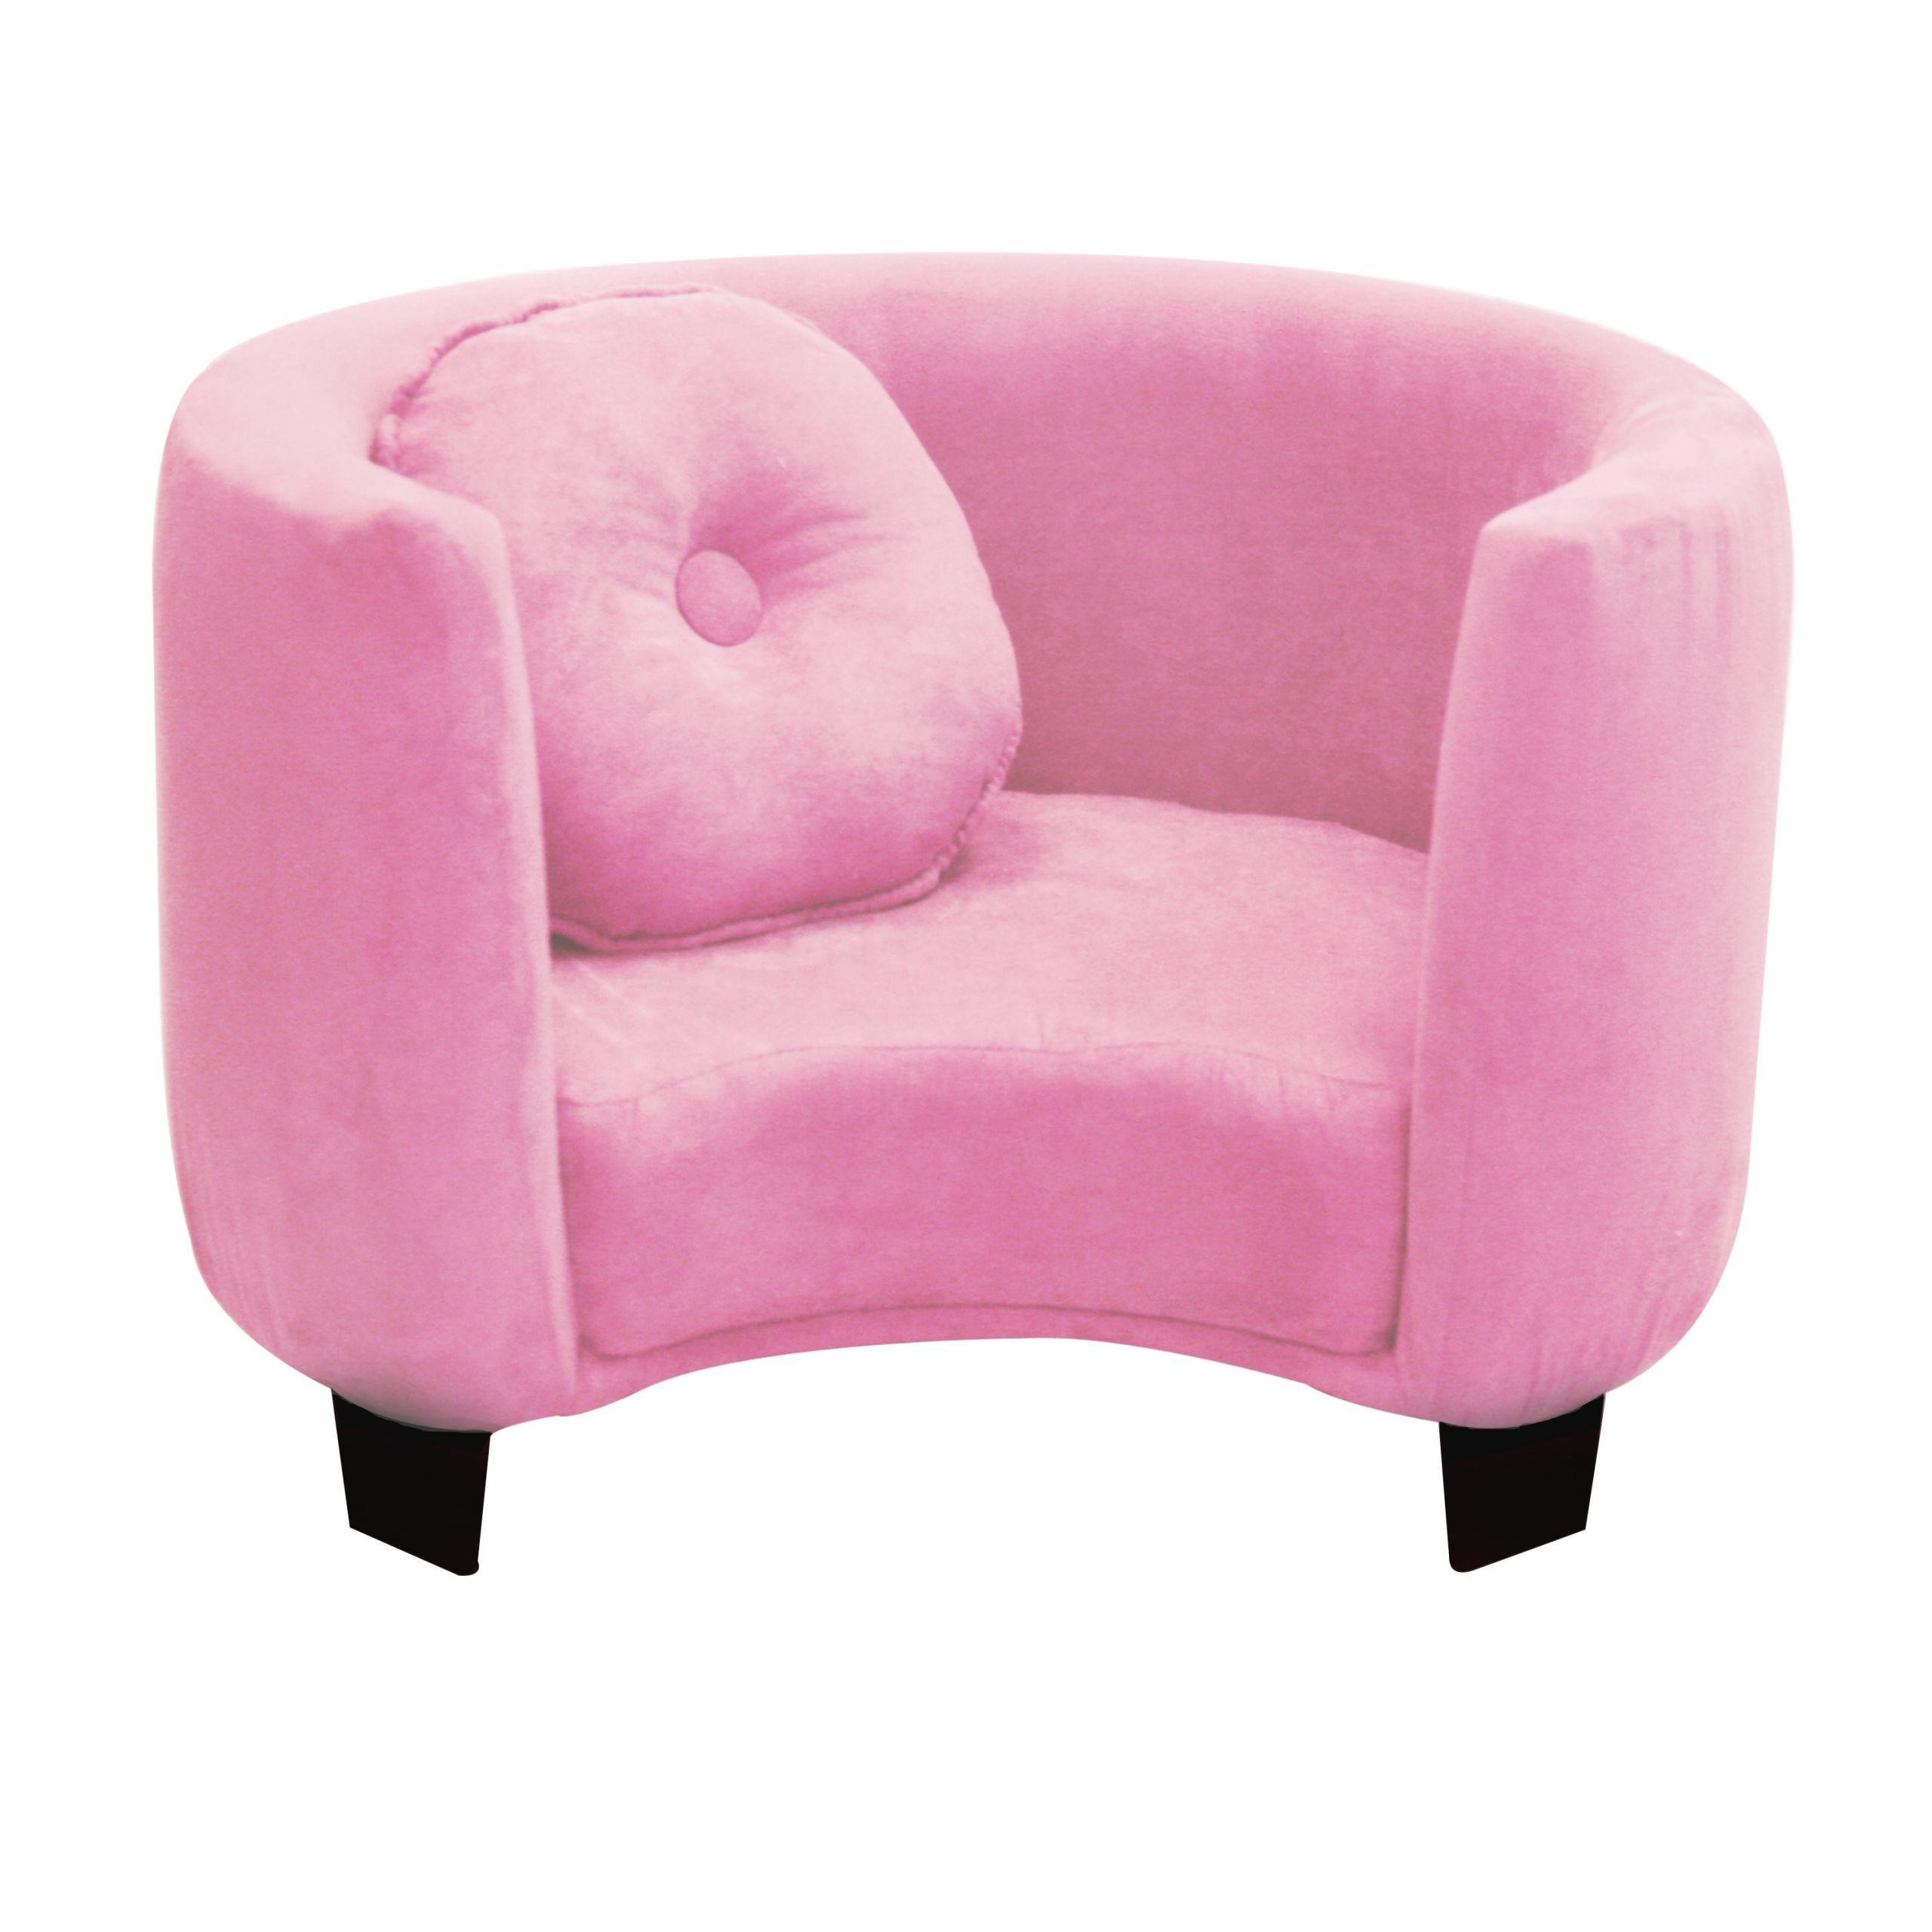 Kids Comfy Chair  Komfy Kings Kids fy Chair Pink Micro